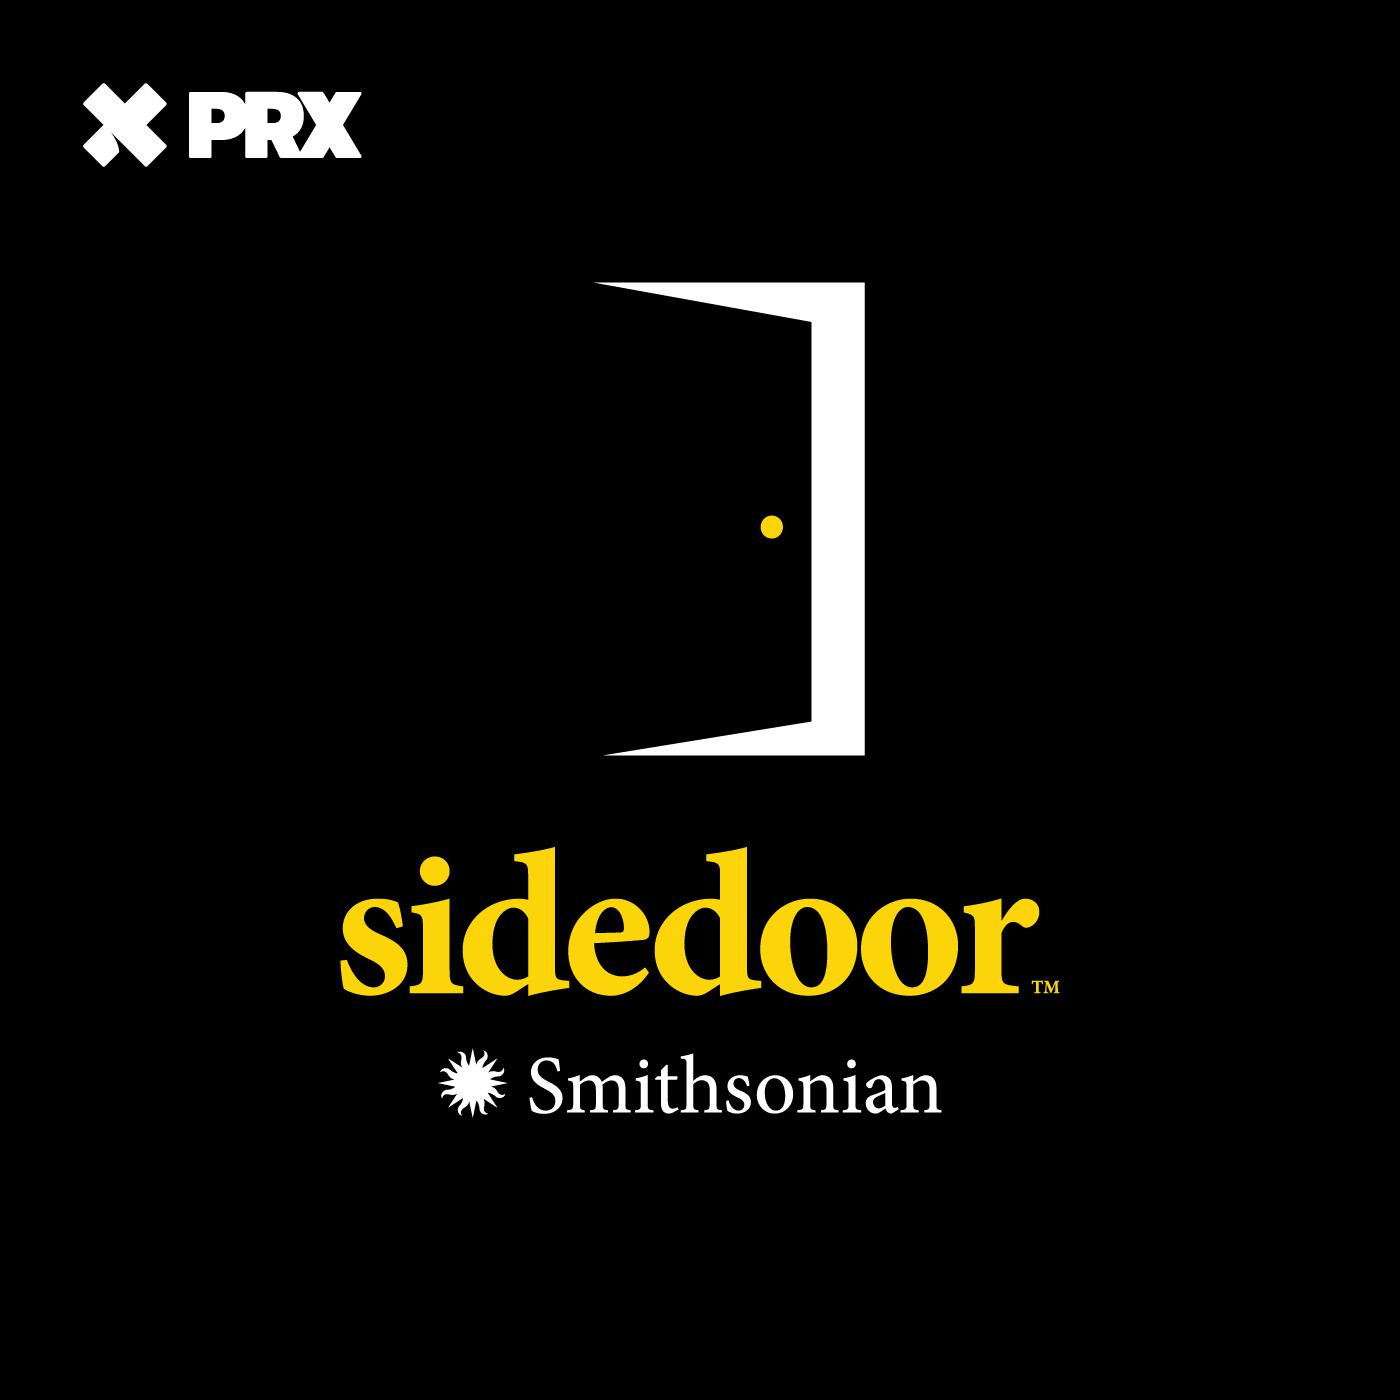 Sidedoor